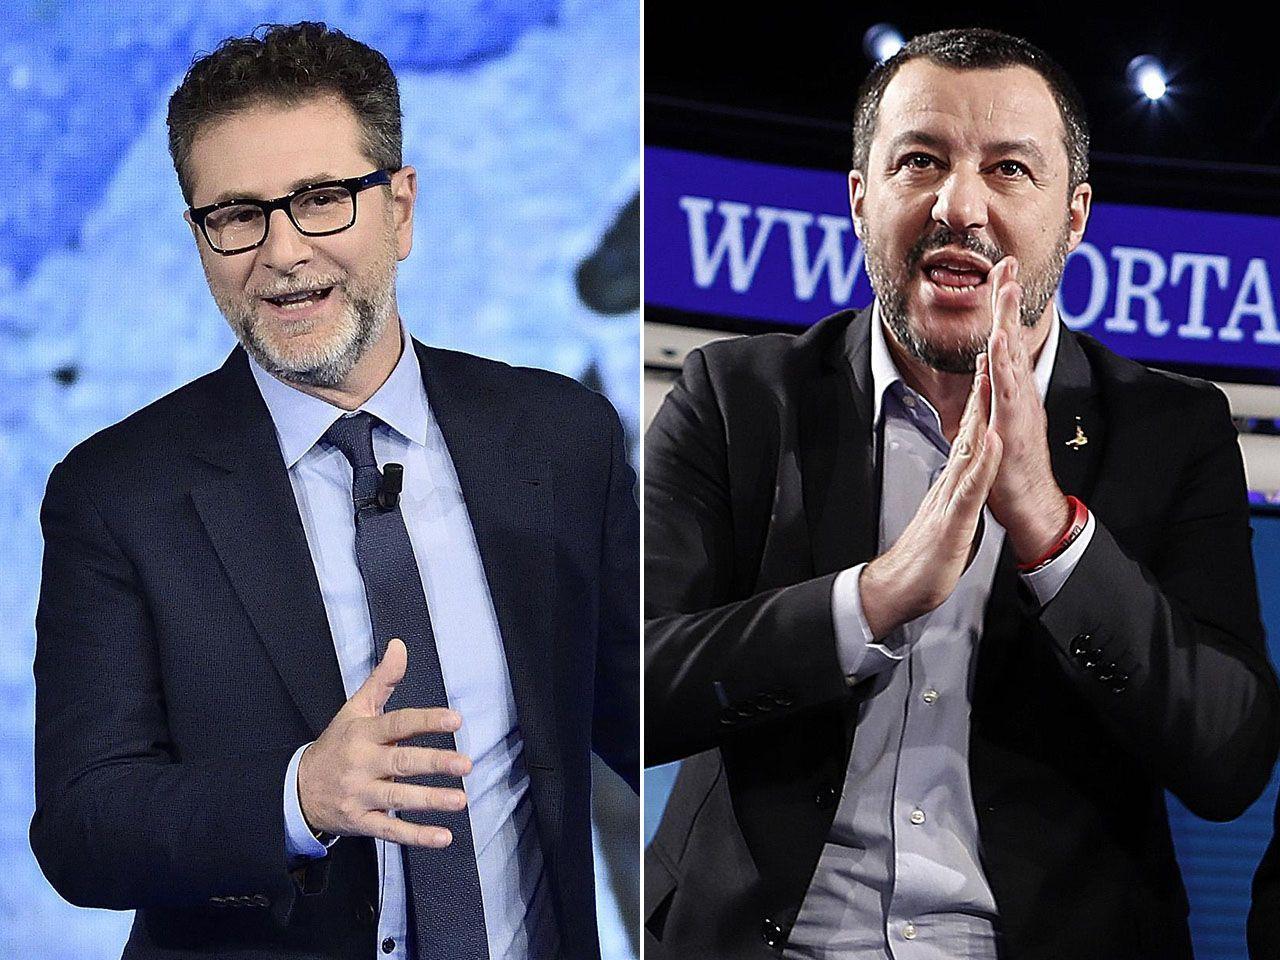 Salvini: 'Fabio Fazio guadagna in un mese quello che guadagno io in un anno'